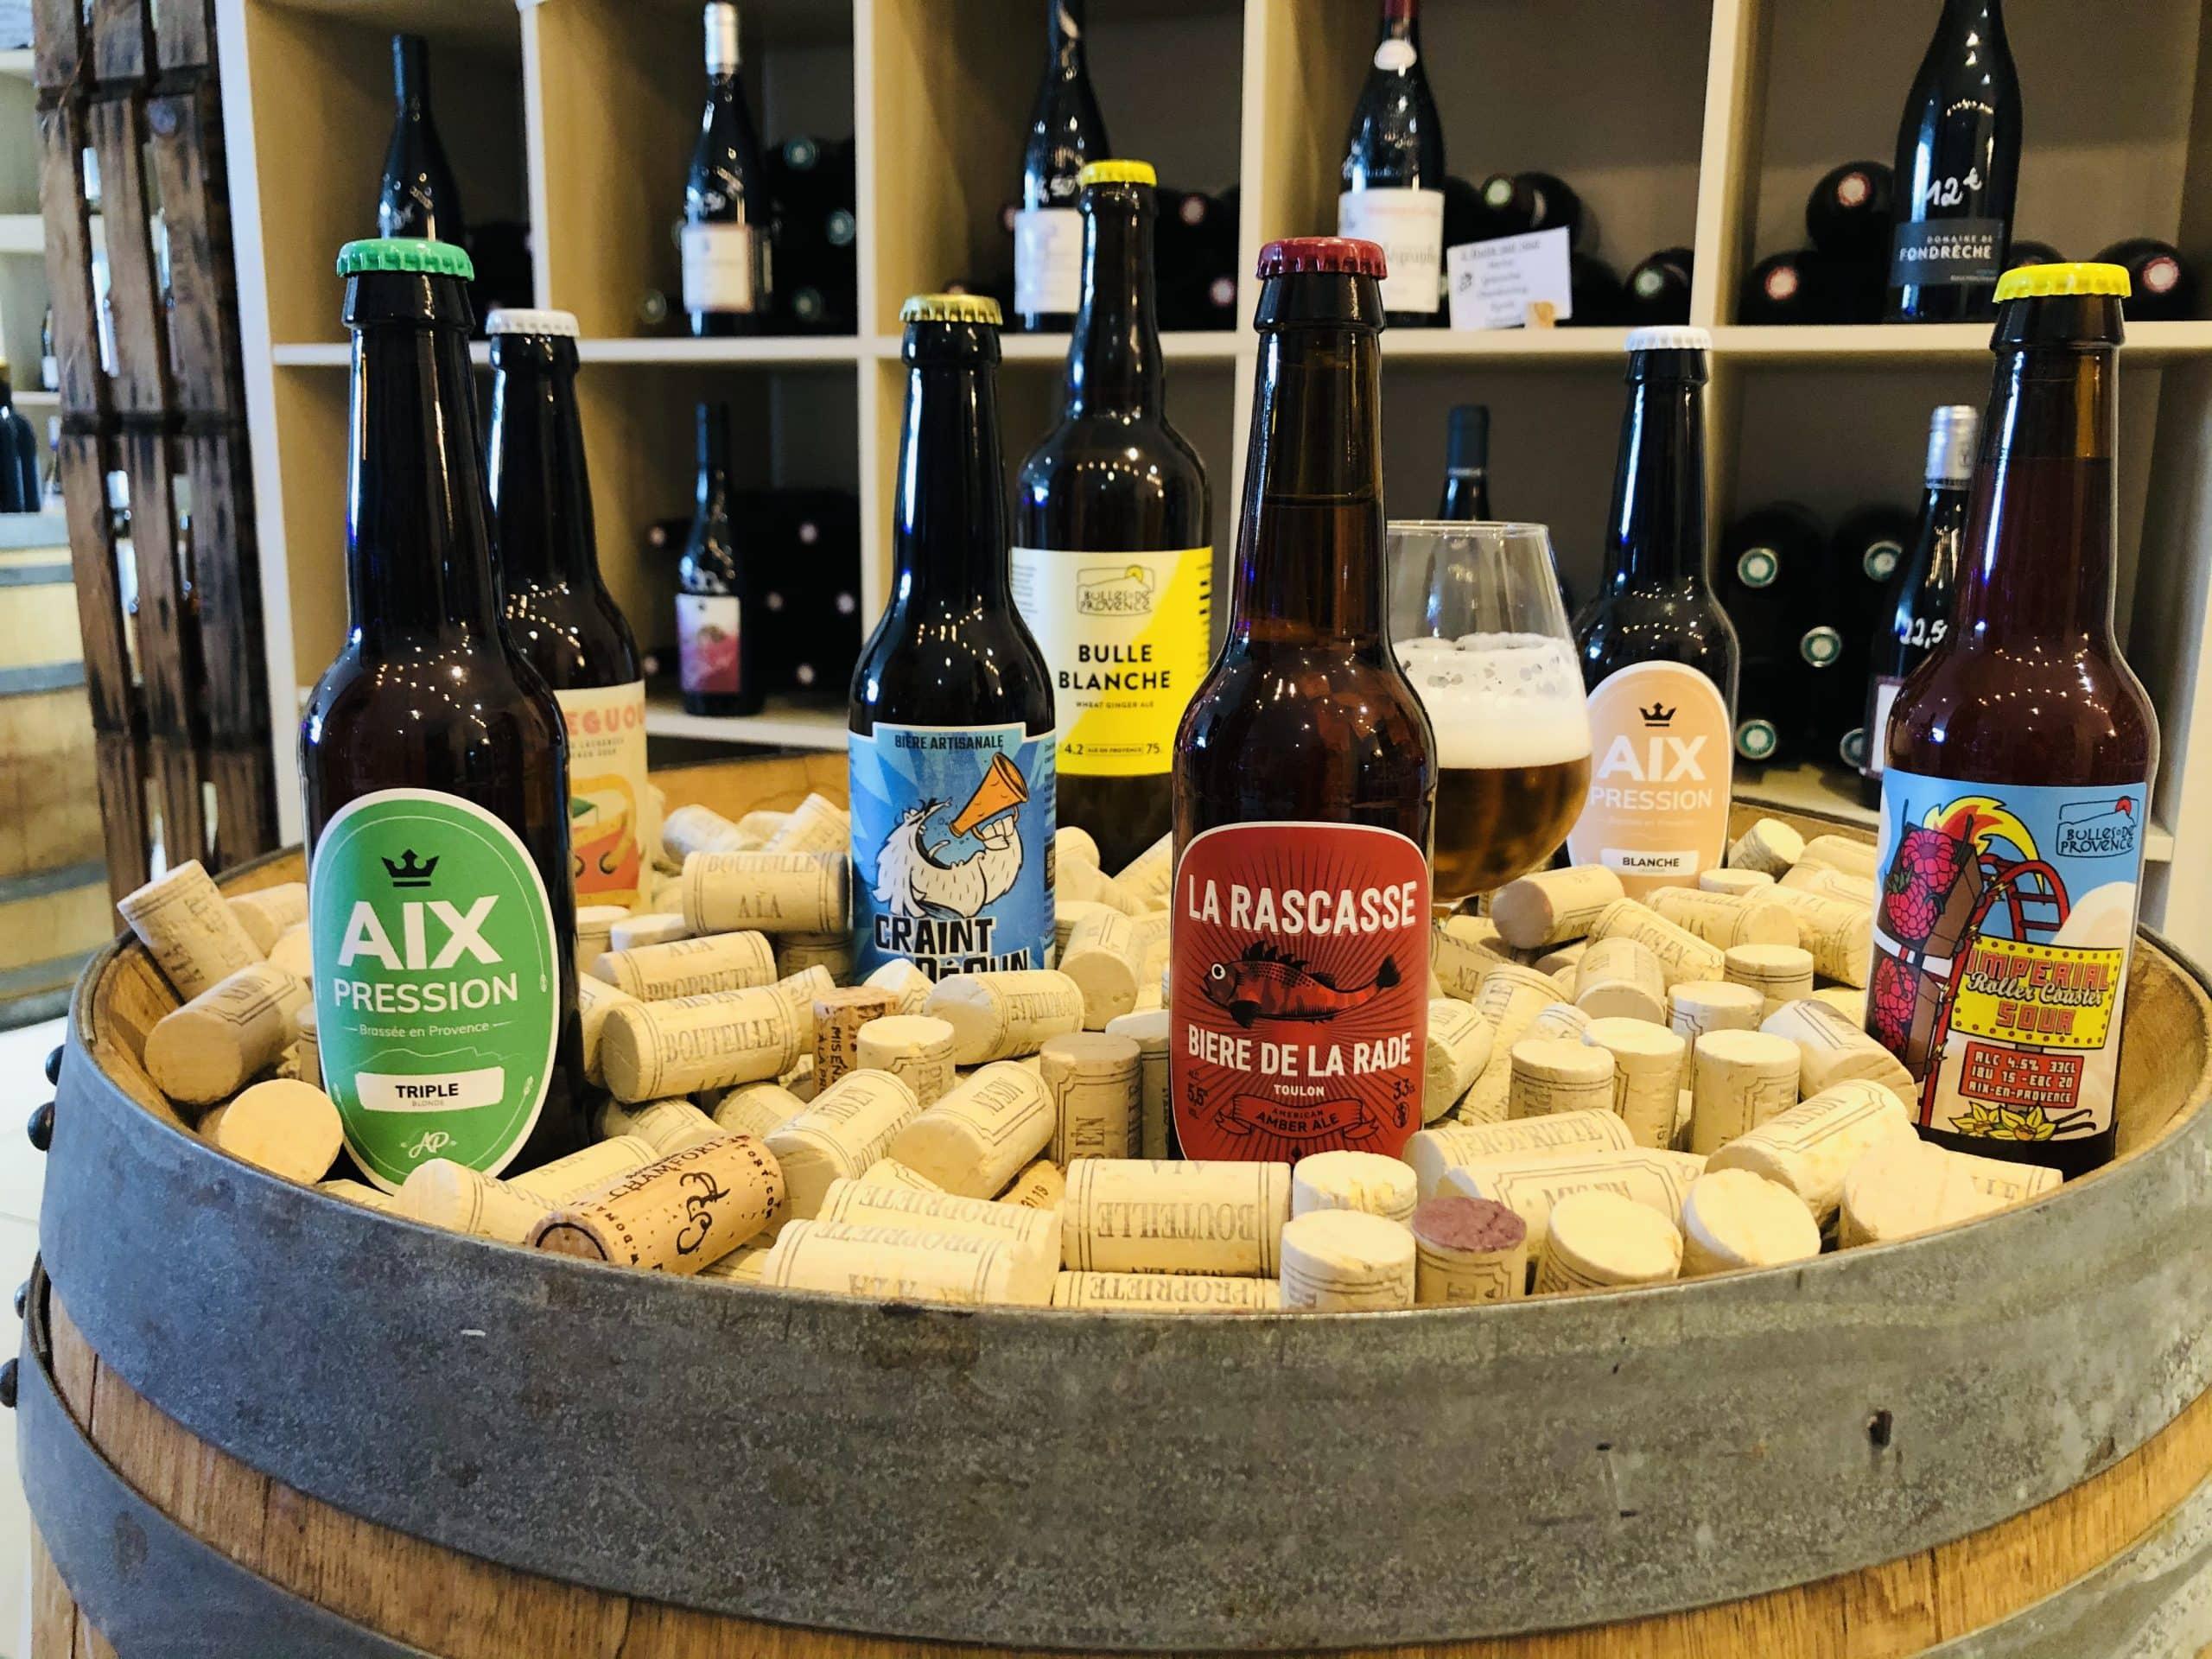 Bières artisanales carry le rouet sausset les pins